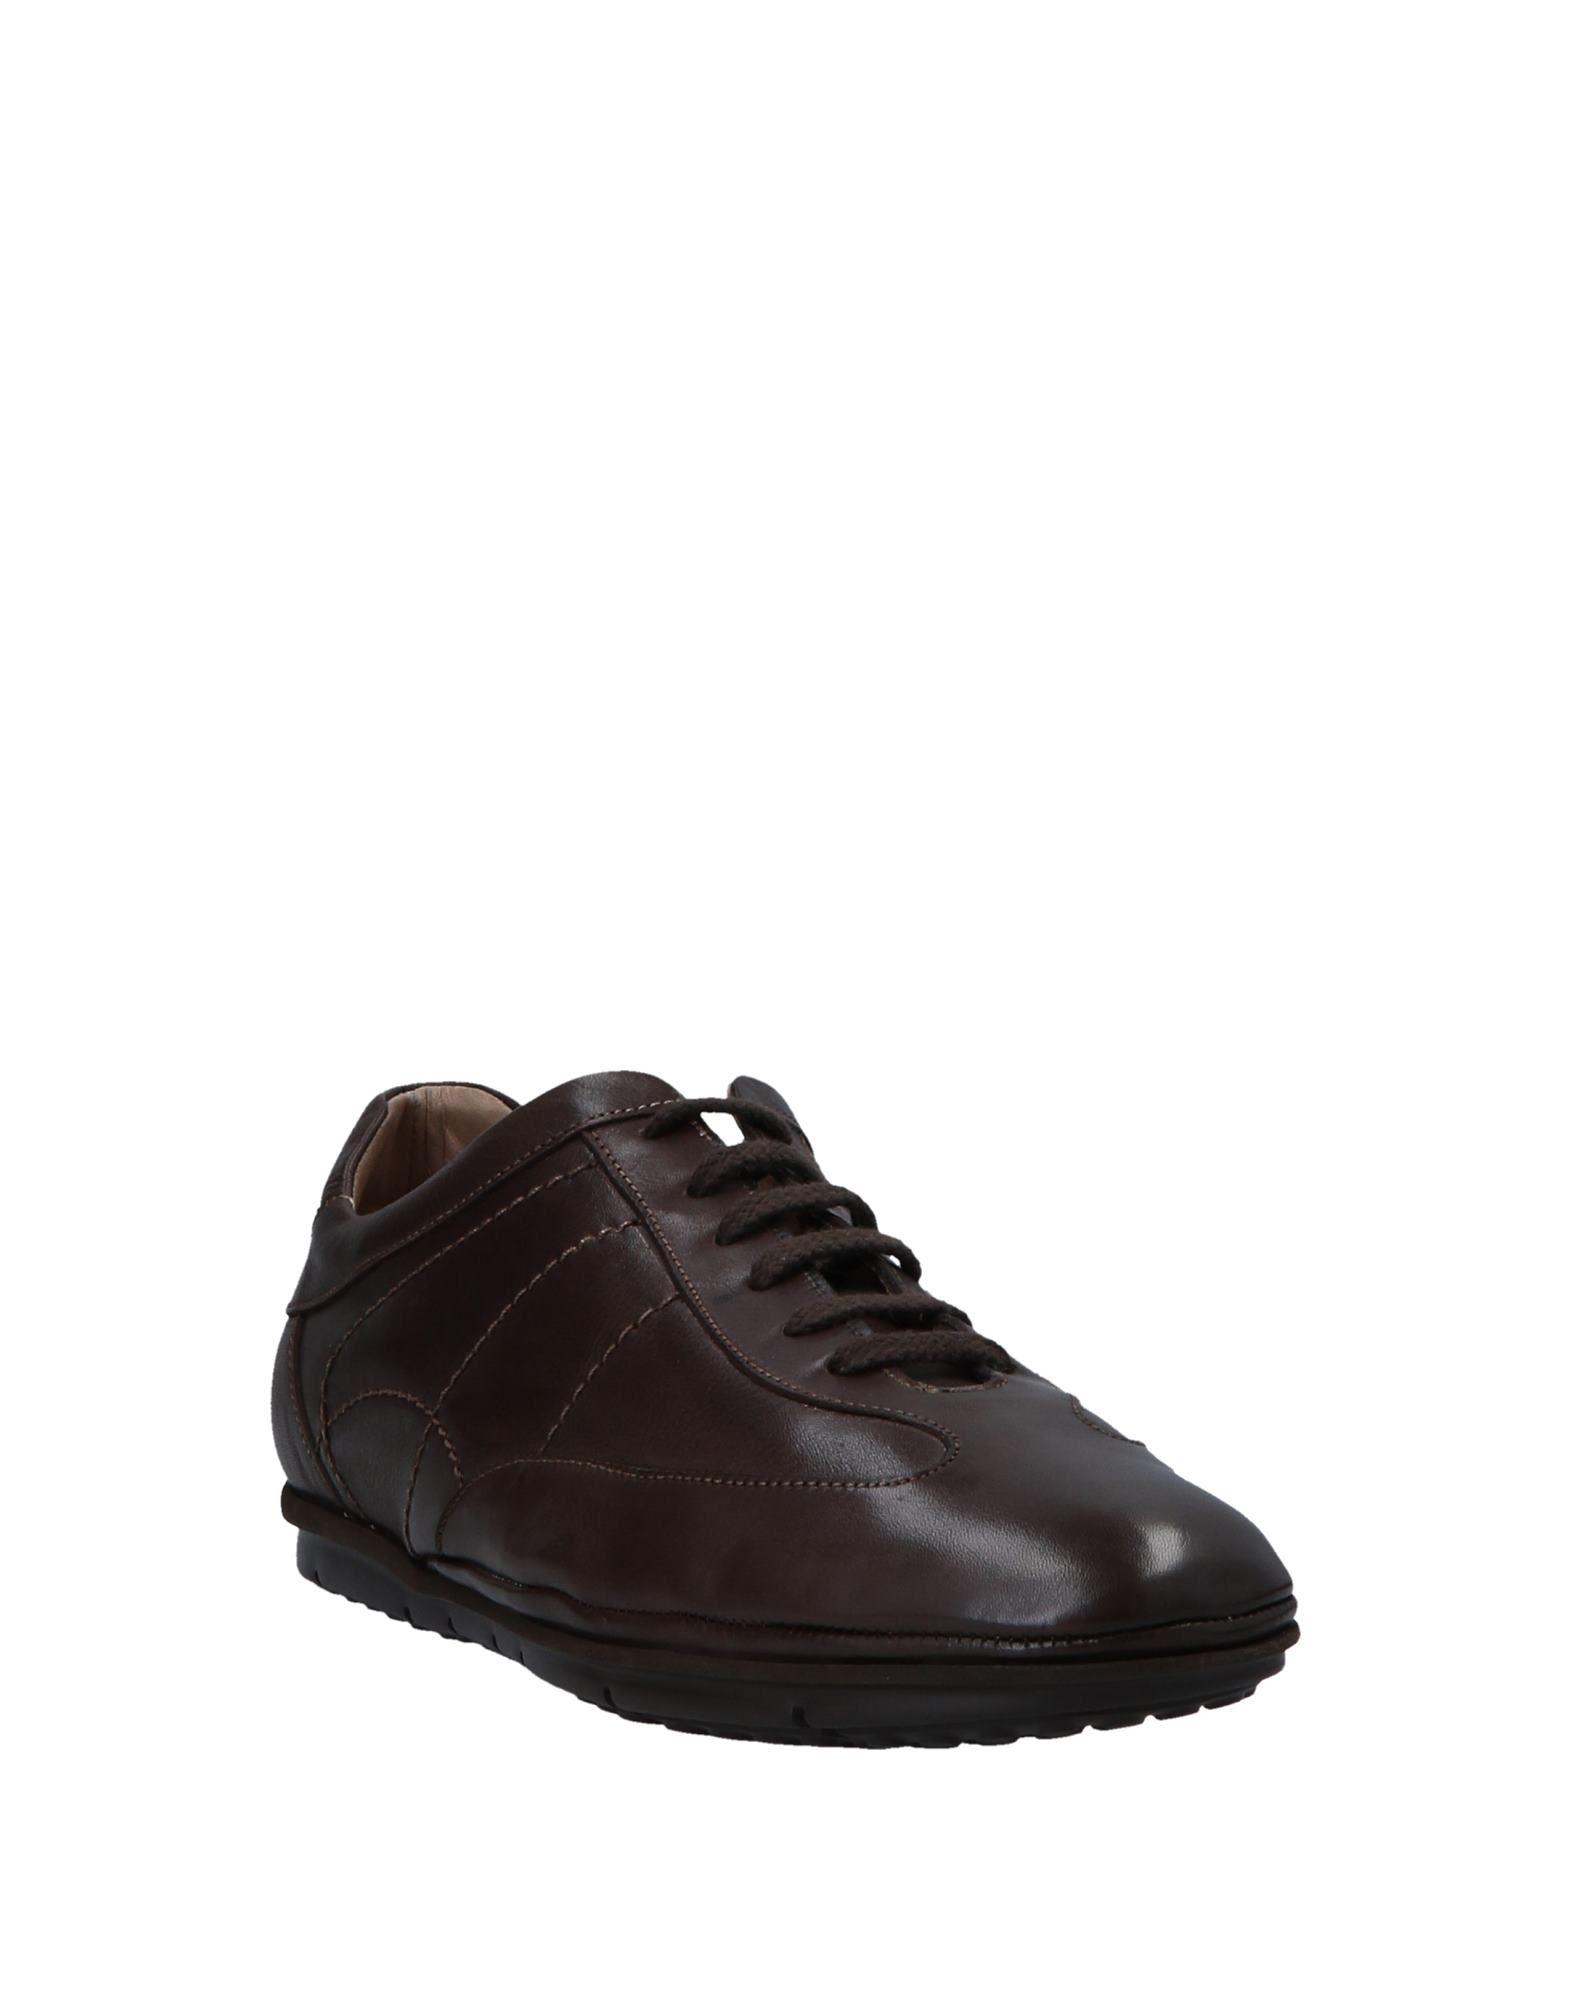 Rabatt Calpierre echte Schuhe Today By Calpierre Rabatt Sneakers Herren  11551890PJ 7812a5